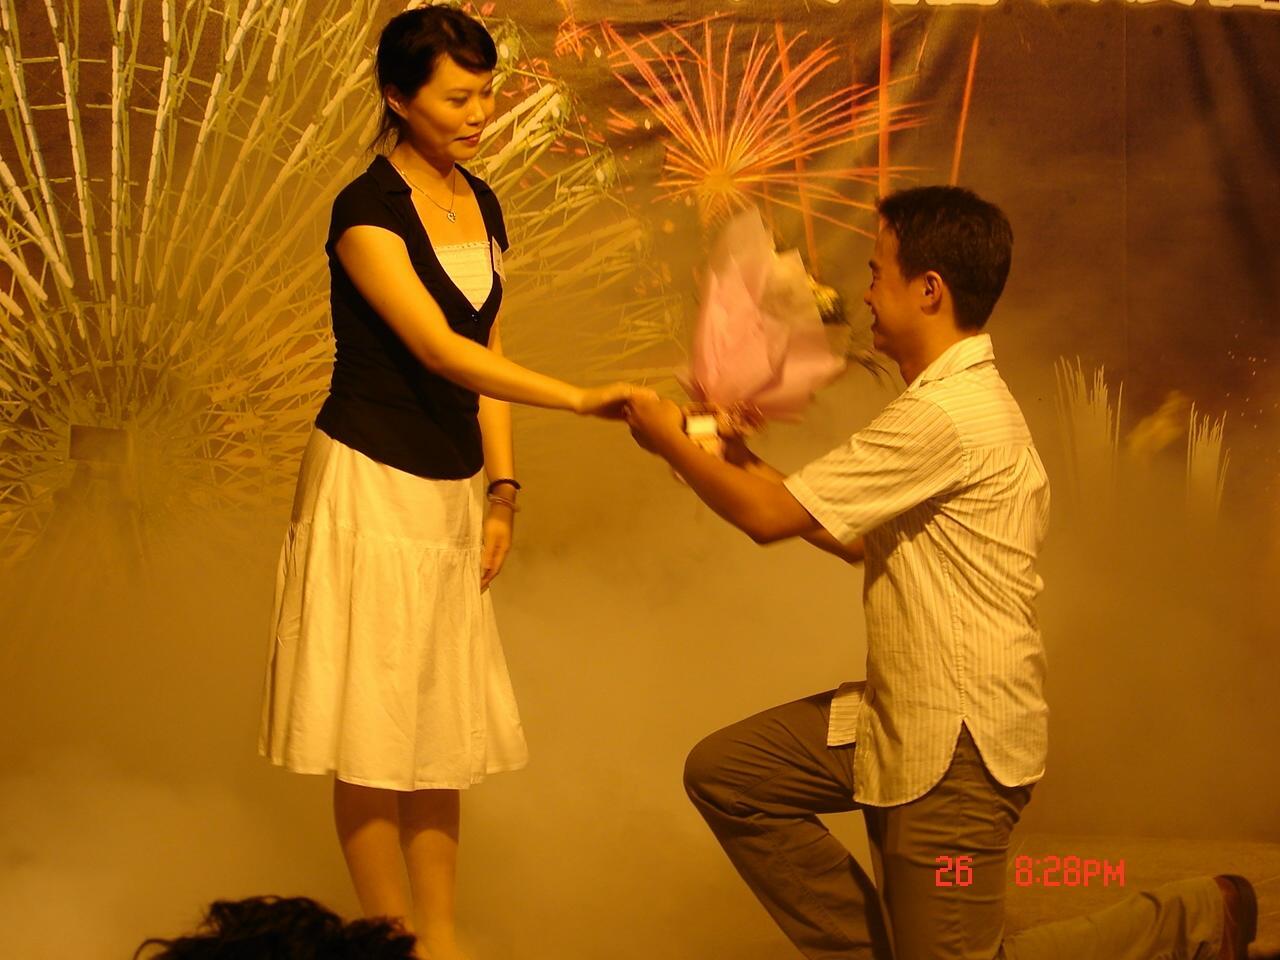 26日是七夕情人節,晚間在美麗華百樂園上演多起求婚式,讓這個超浪漫節日增添「詩情畫意」!